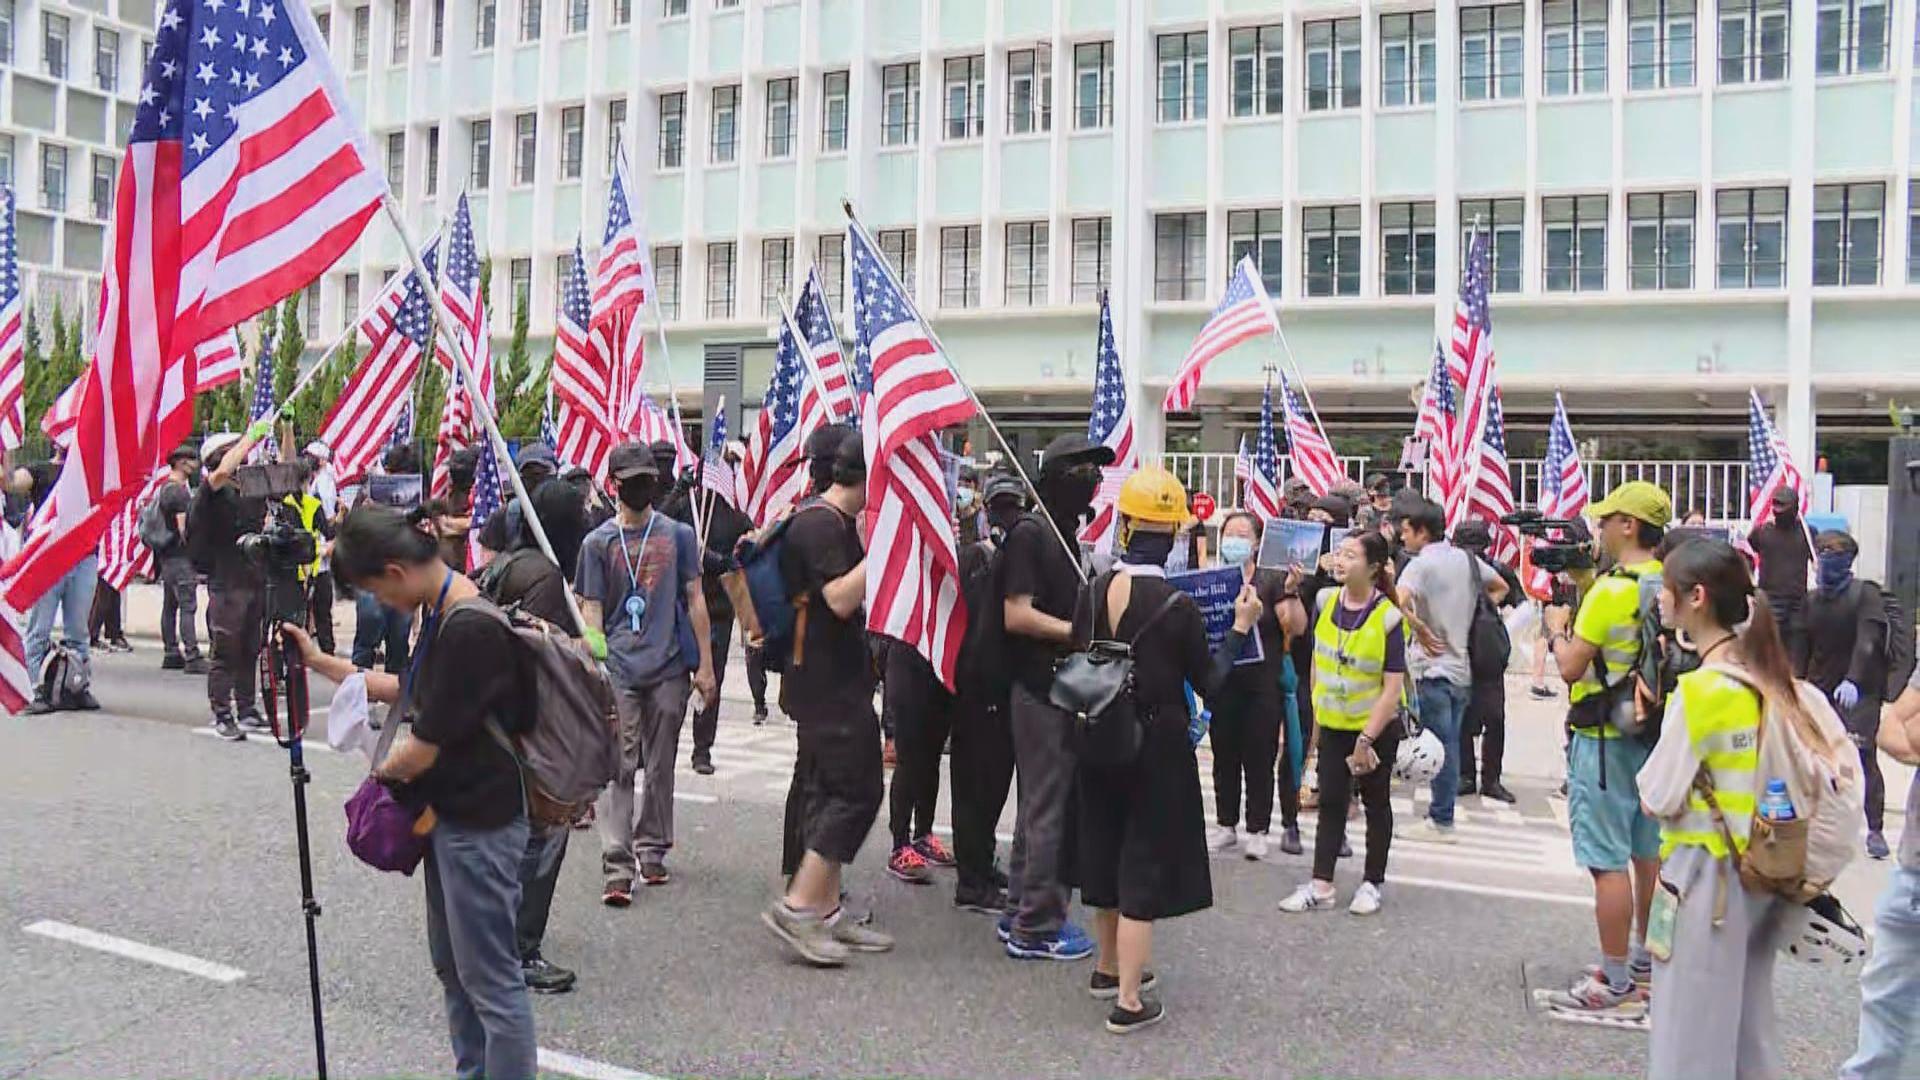 【現場報道】大批市民在遮打花園等候遊行往美領館